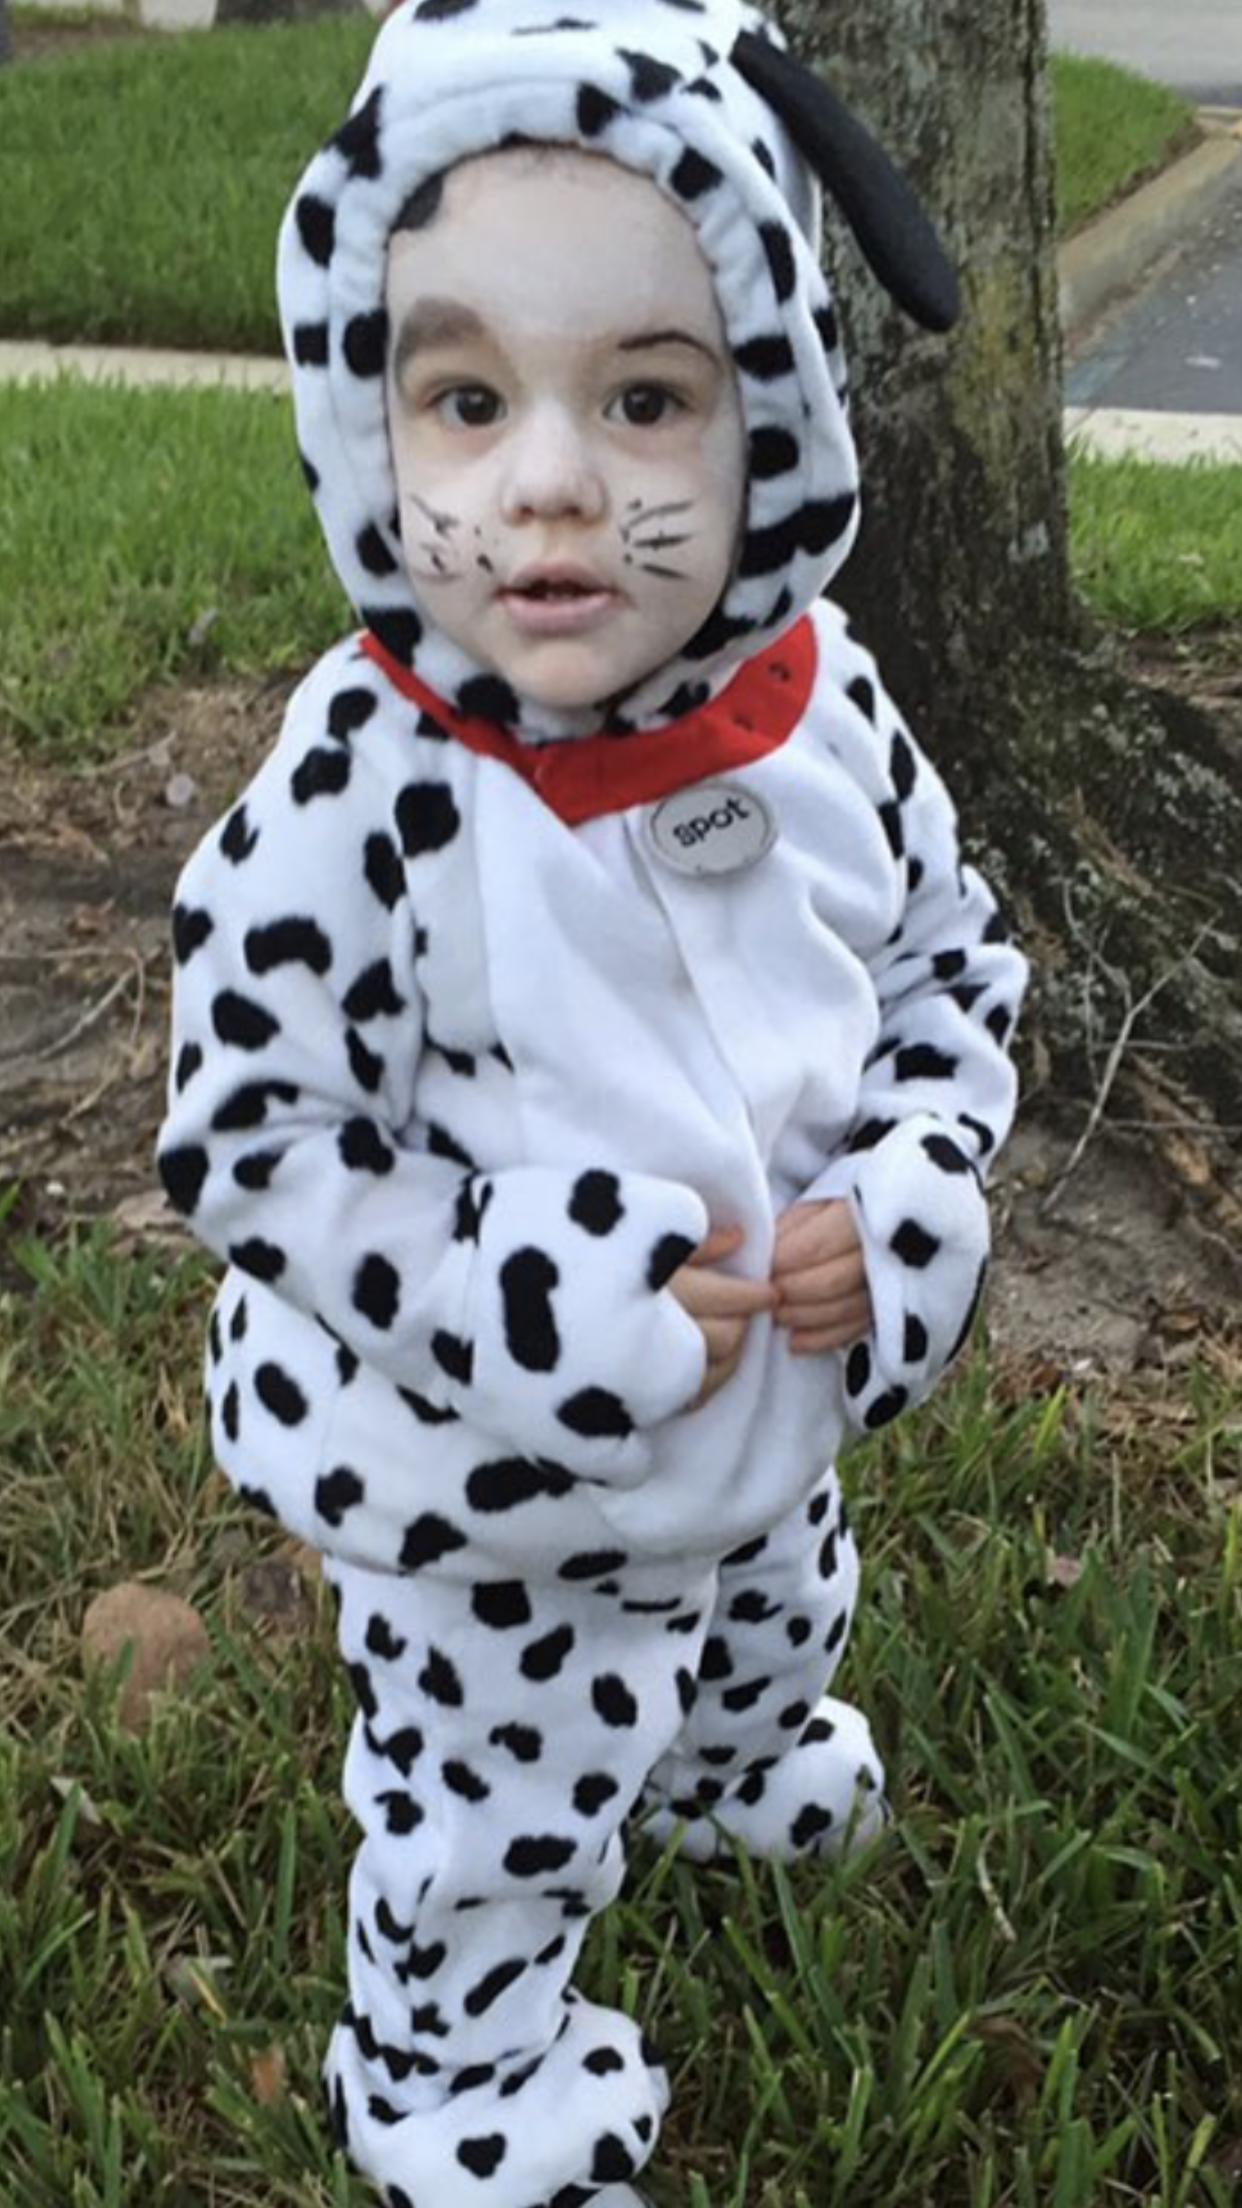 Dalmatian Halloween costume and makeup. Halloween